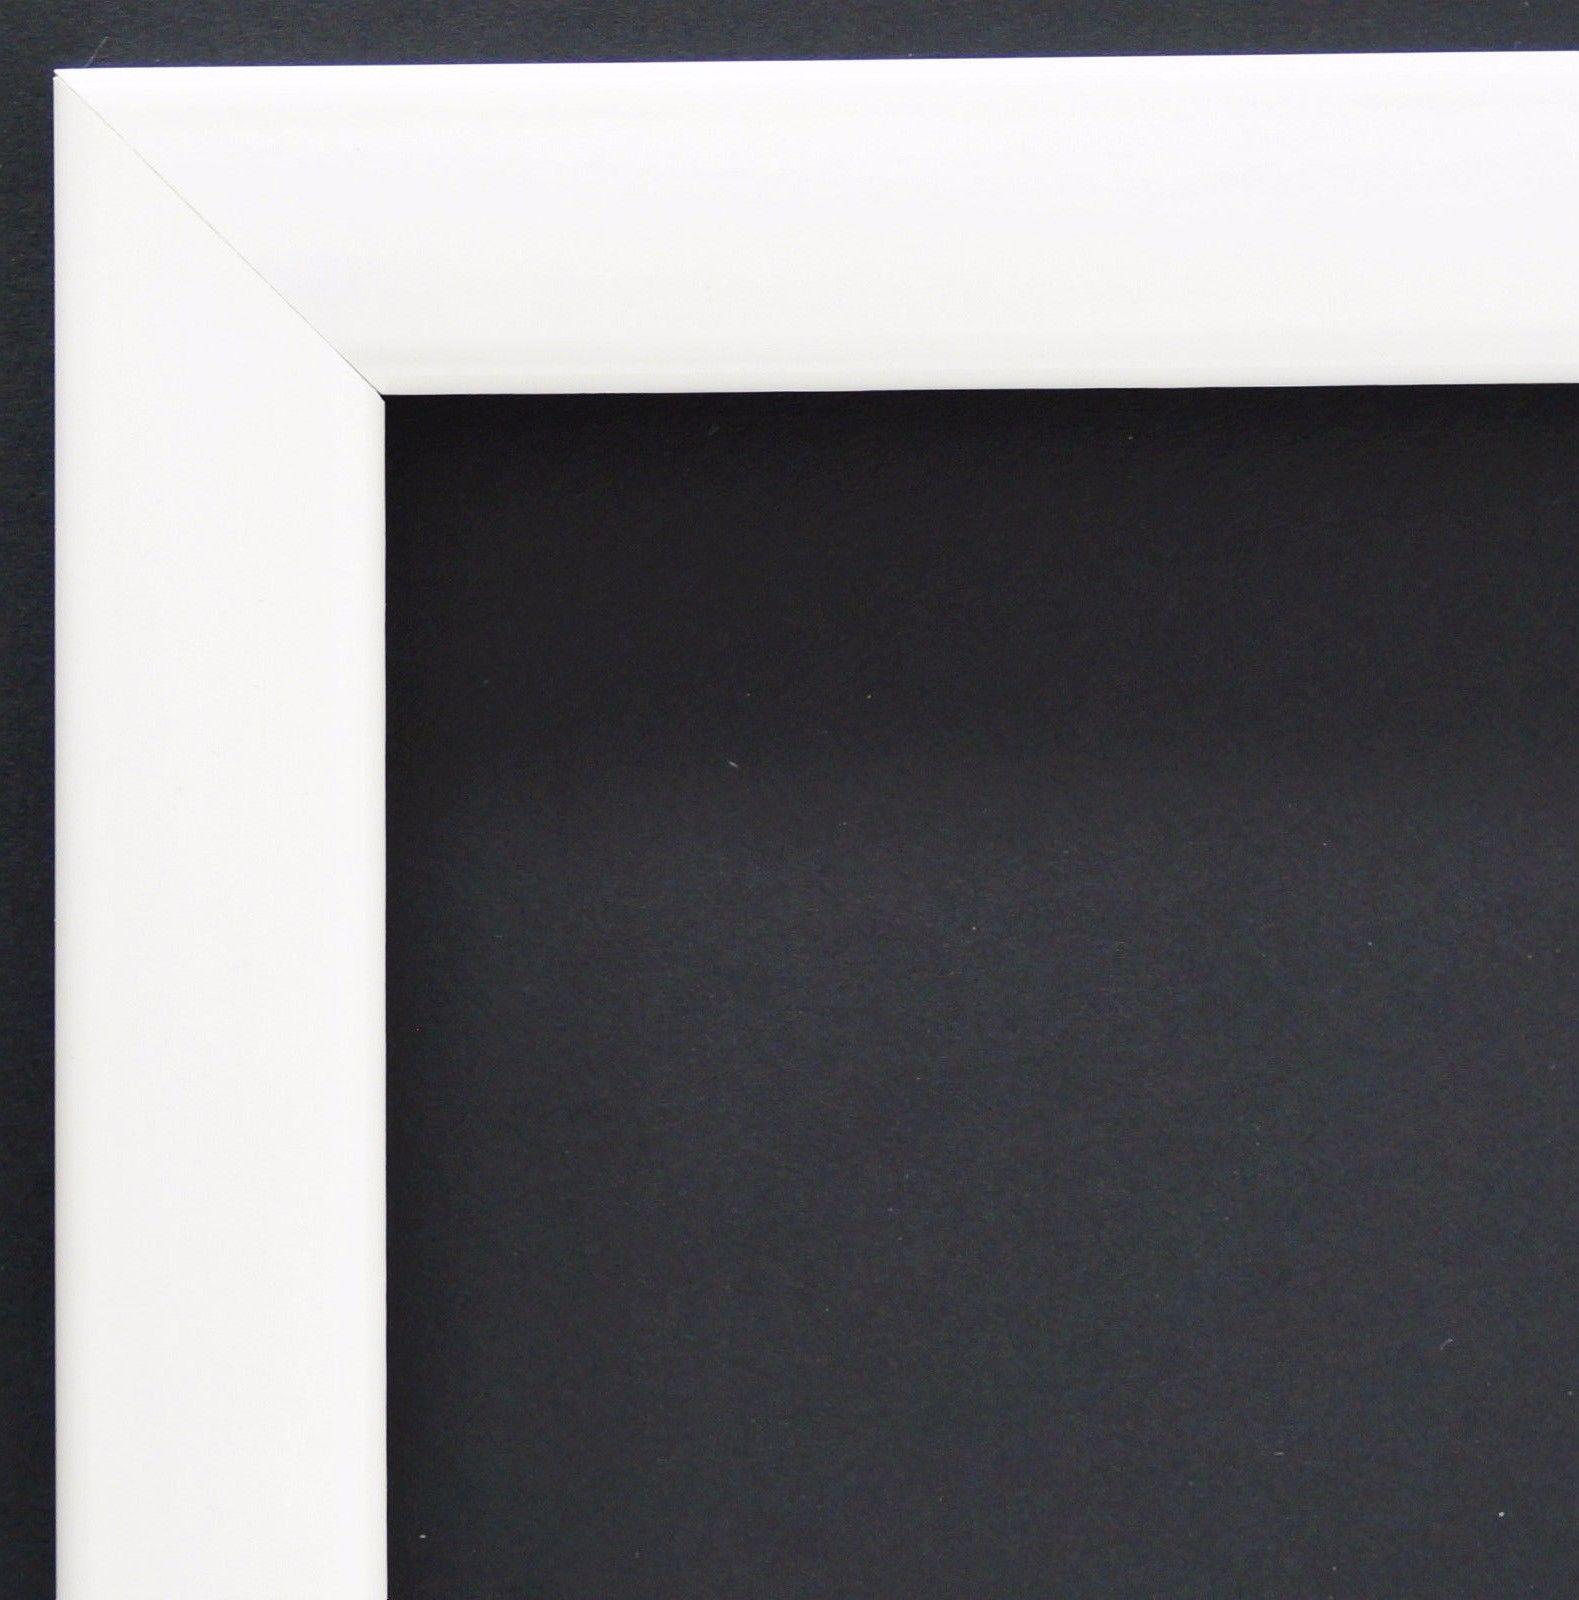 Bilderrahmen Weiss Lack Modern Rahmen Holz Art Hannover 2, 4 - alle ...